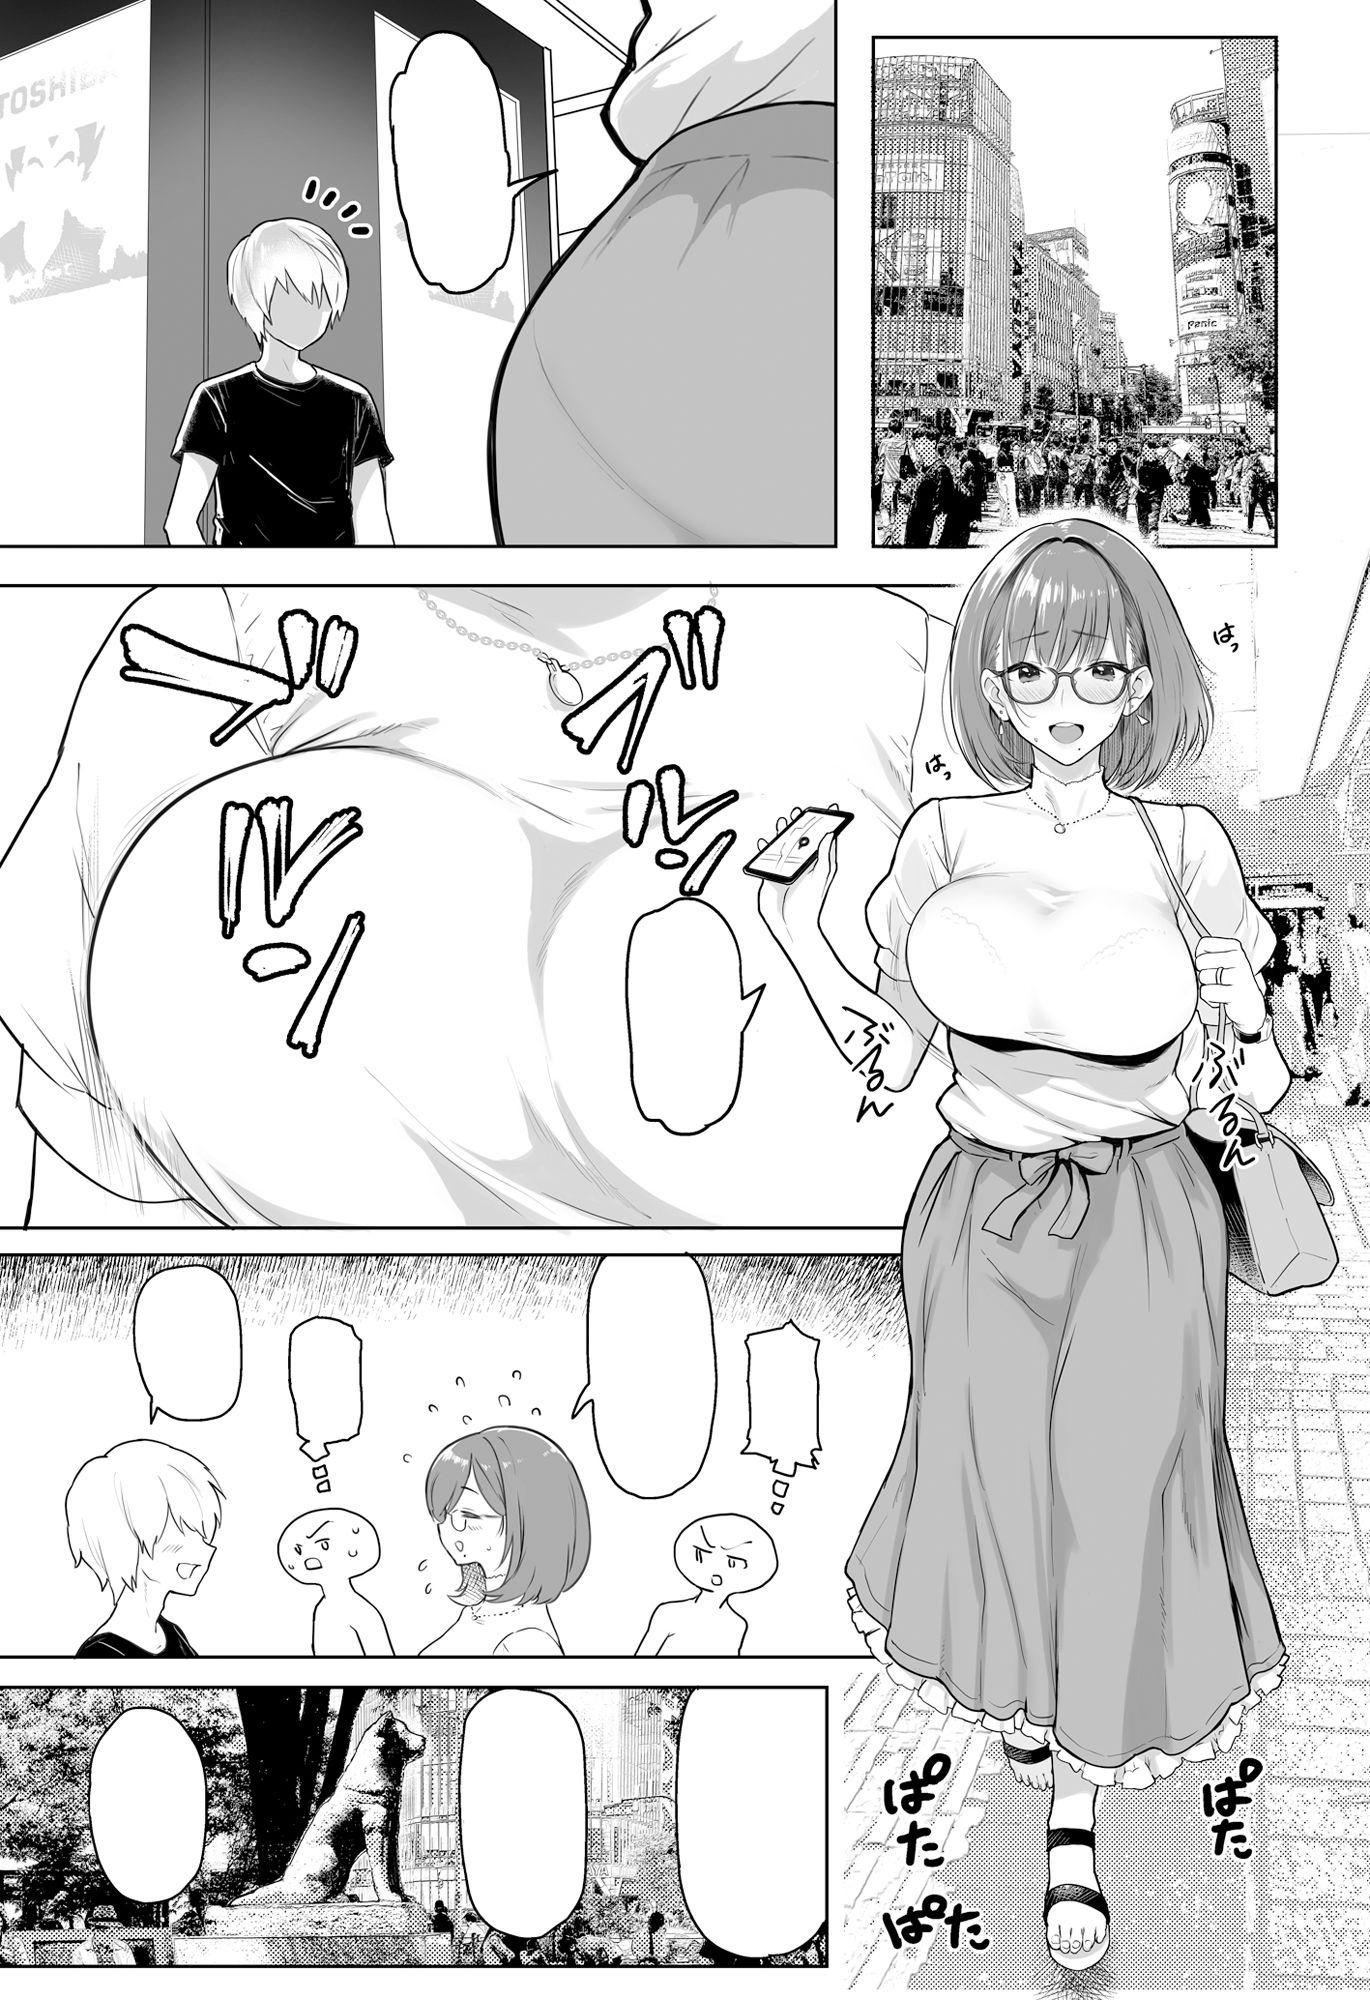 【エロ漫画無料大全集】旦那が仕事中に浮気セックスにハマる人妻がエロ過ぎてヤバいwww